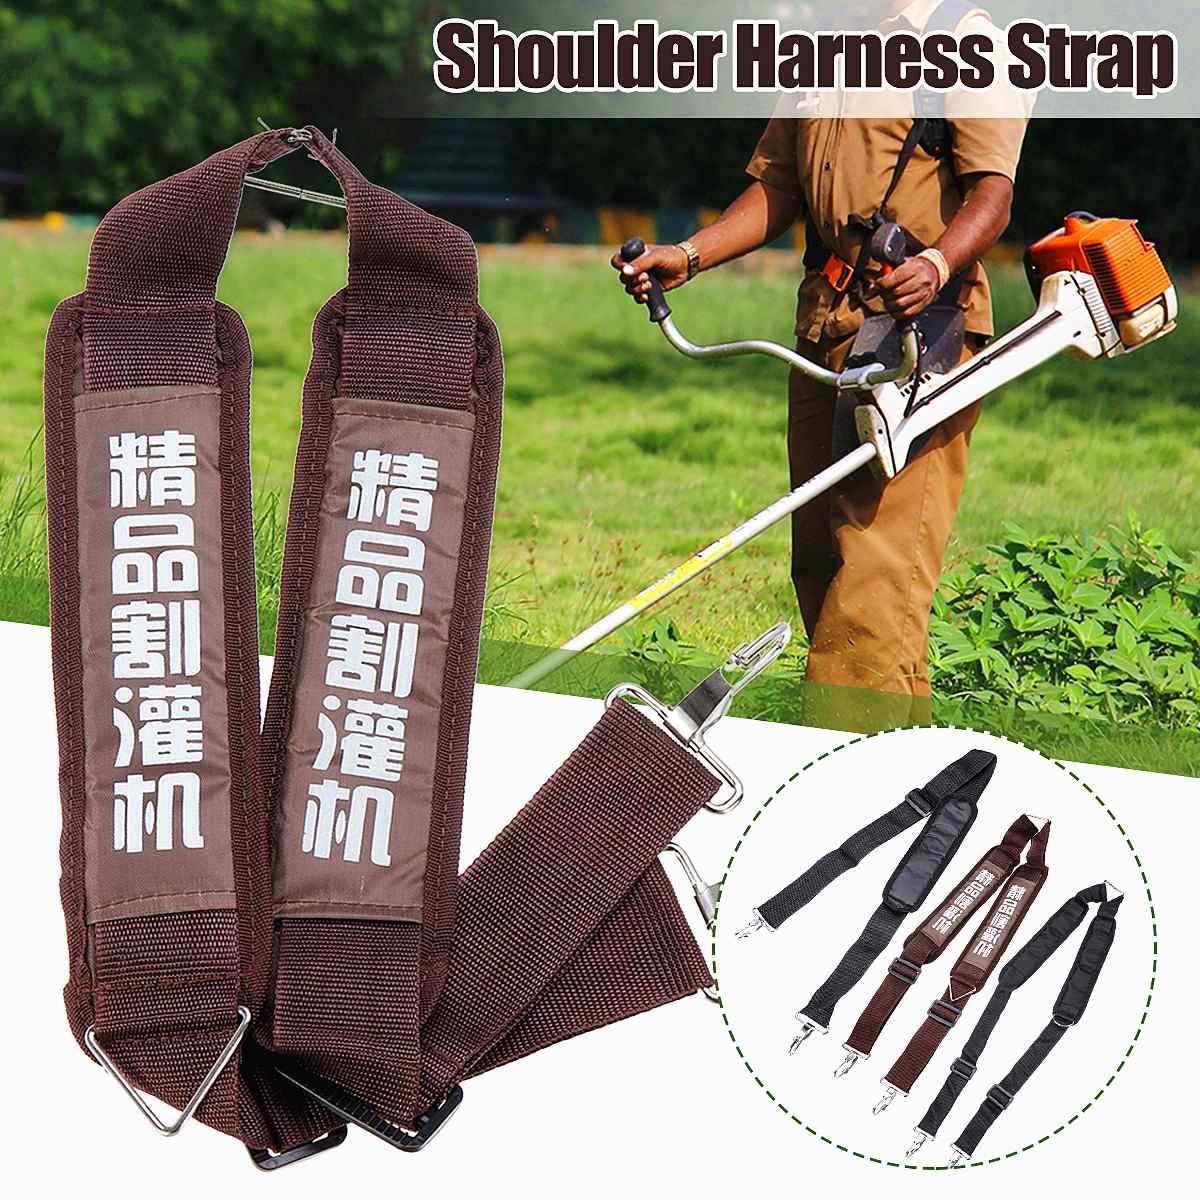 Shoulder Harness Alça cortador de Grama Aparador de grama Corda Aparador de Grama Cortador de Escova de Nylon Durável Cinto Cinto de Ferramentas de Jardim